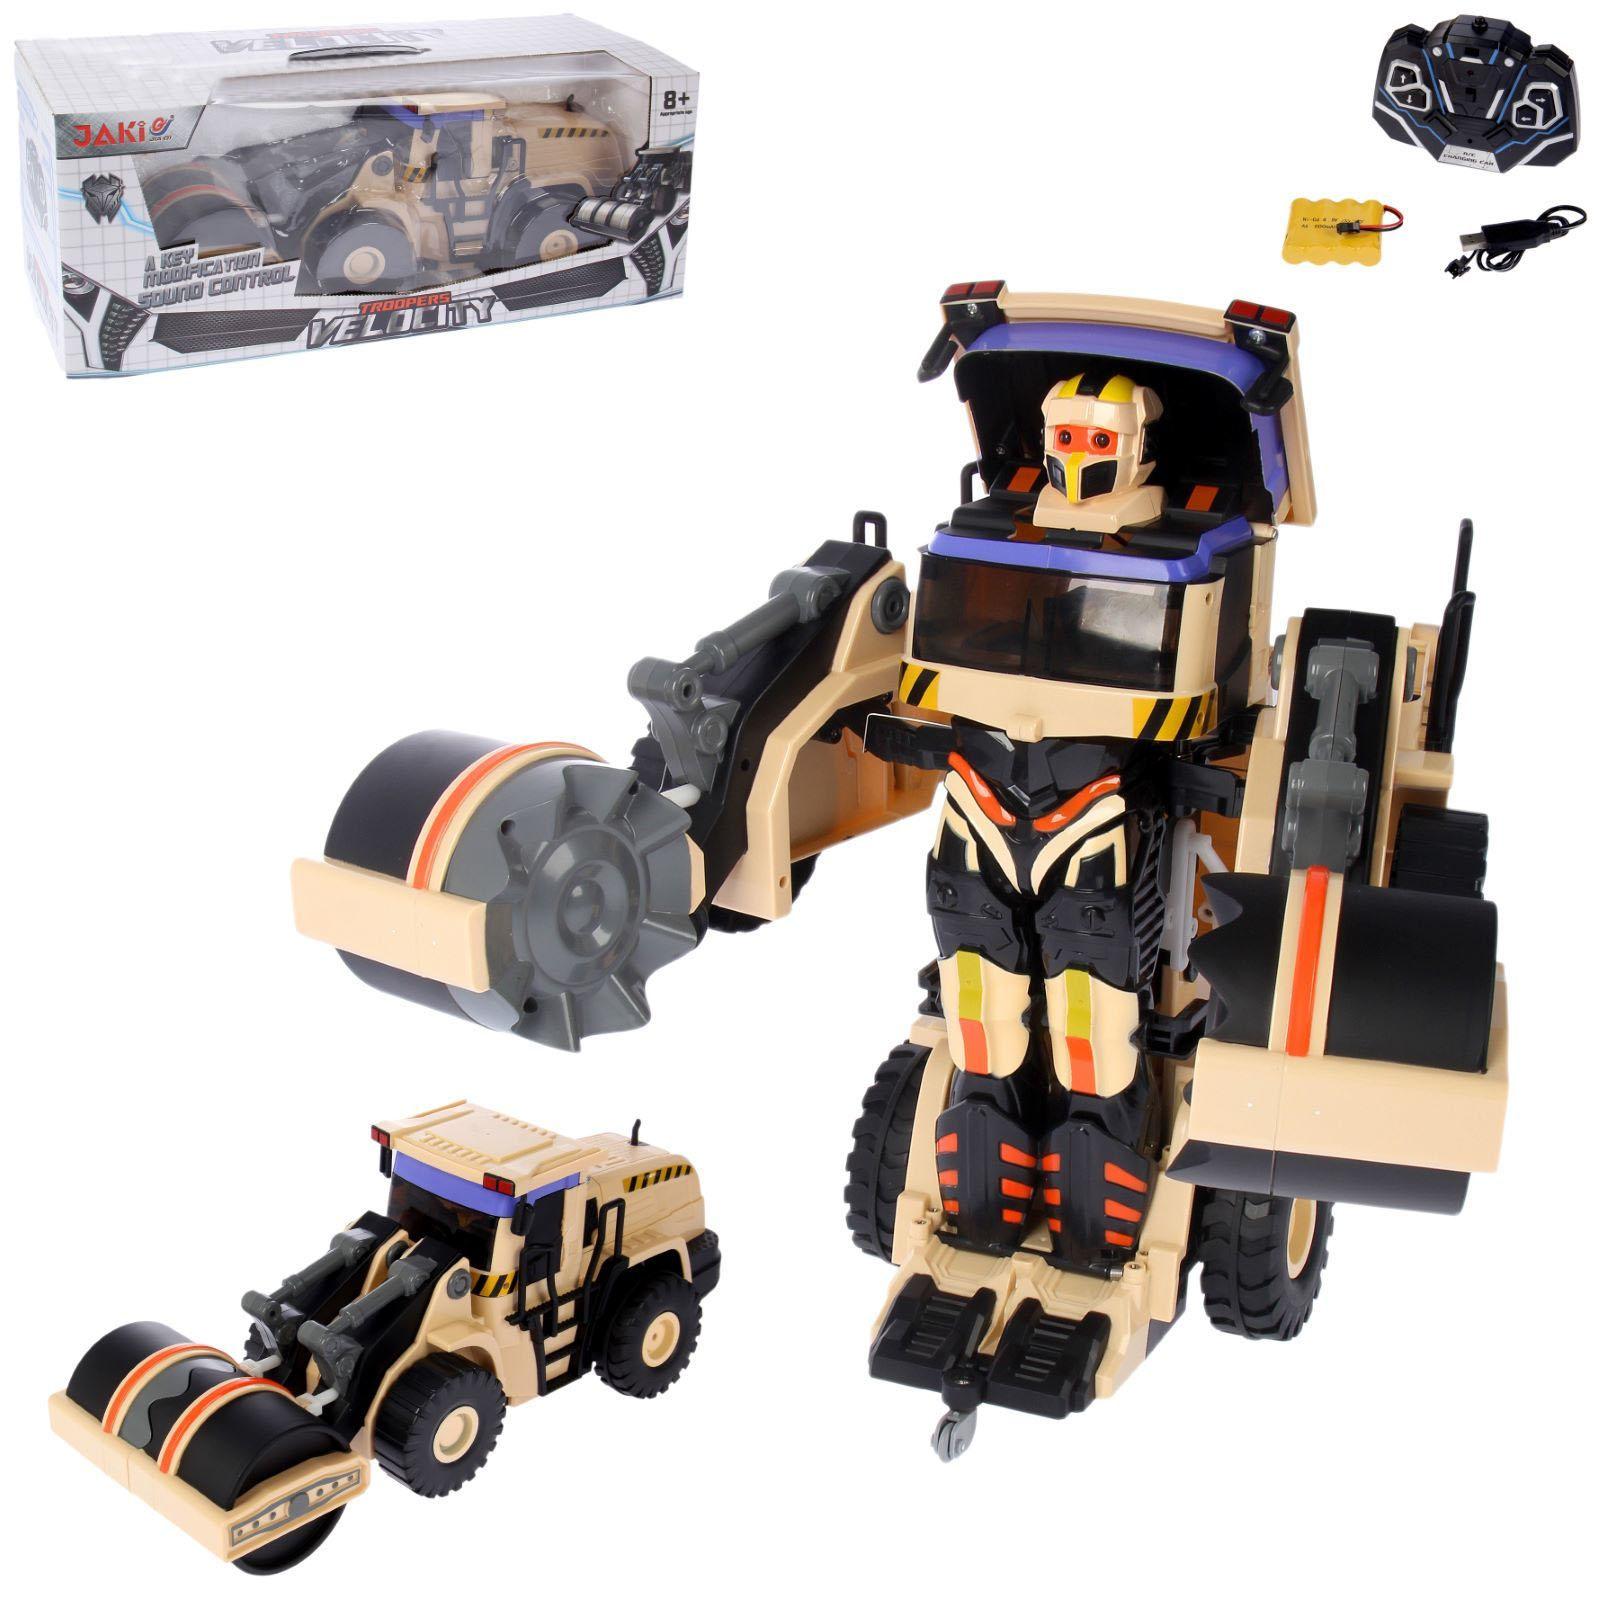 Робот на радиоуправлении, трансформируется в строительный каток, со светом и звуком, 38 см.Игрушки трансформеры<br>Робот на радиоуправлении, трансформируется в строительный каток, со светом и звуком, 38 см.<br>